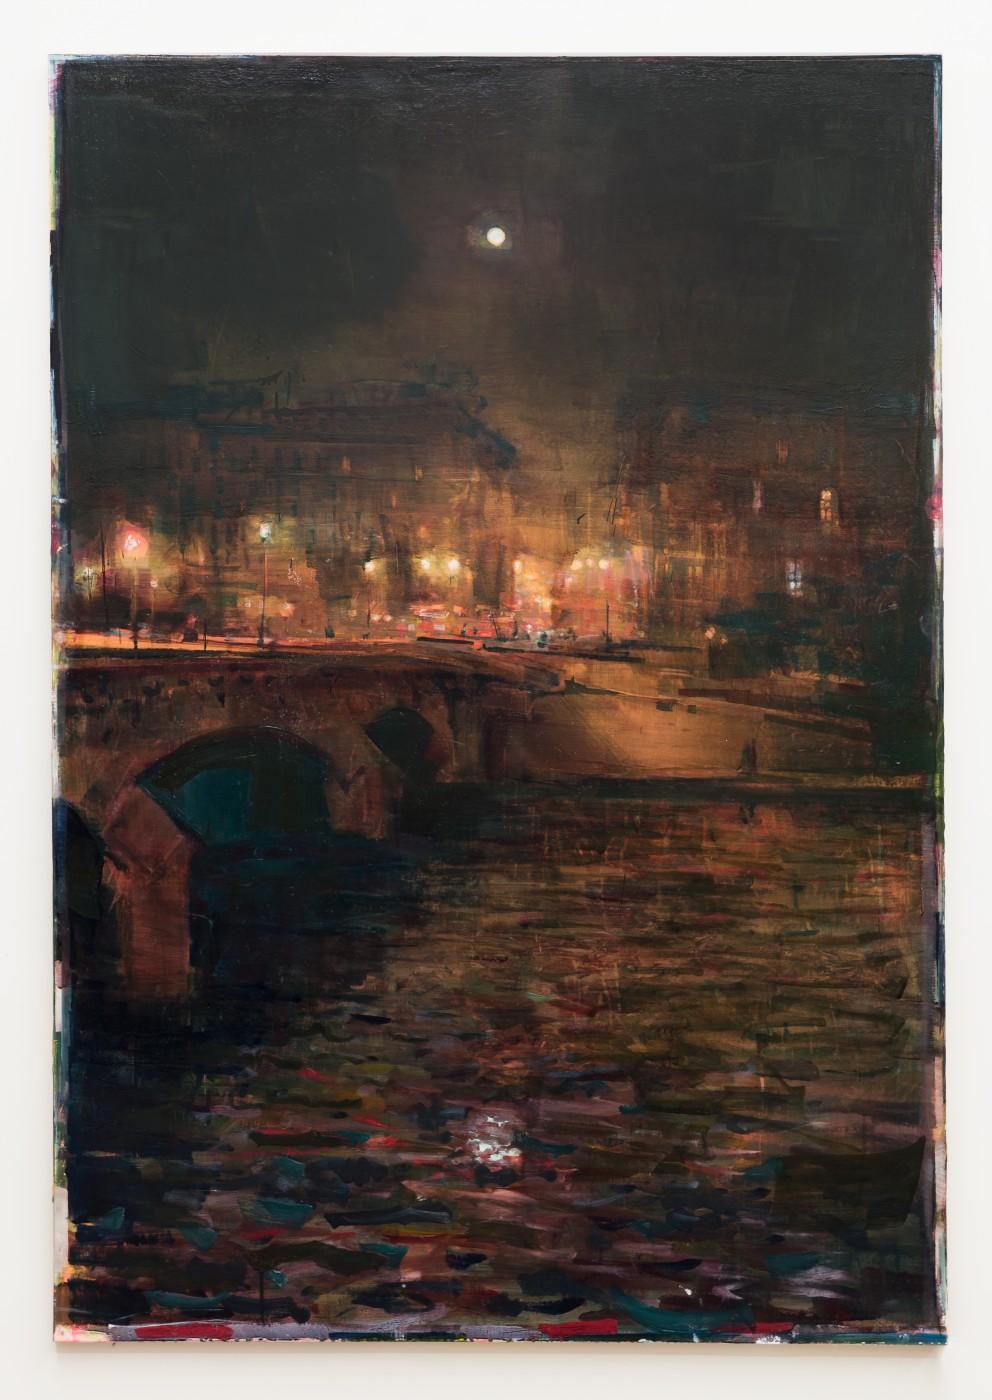 DAY BY DAY  Pont Neuf</I>, 2016  Oil on canvas  183 x 127 cm / 72 x 50 in  NATHAN ZEIDMAN